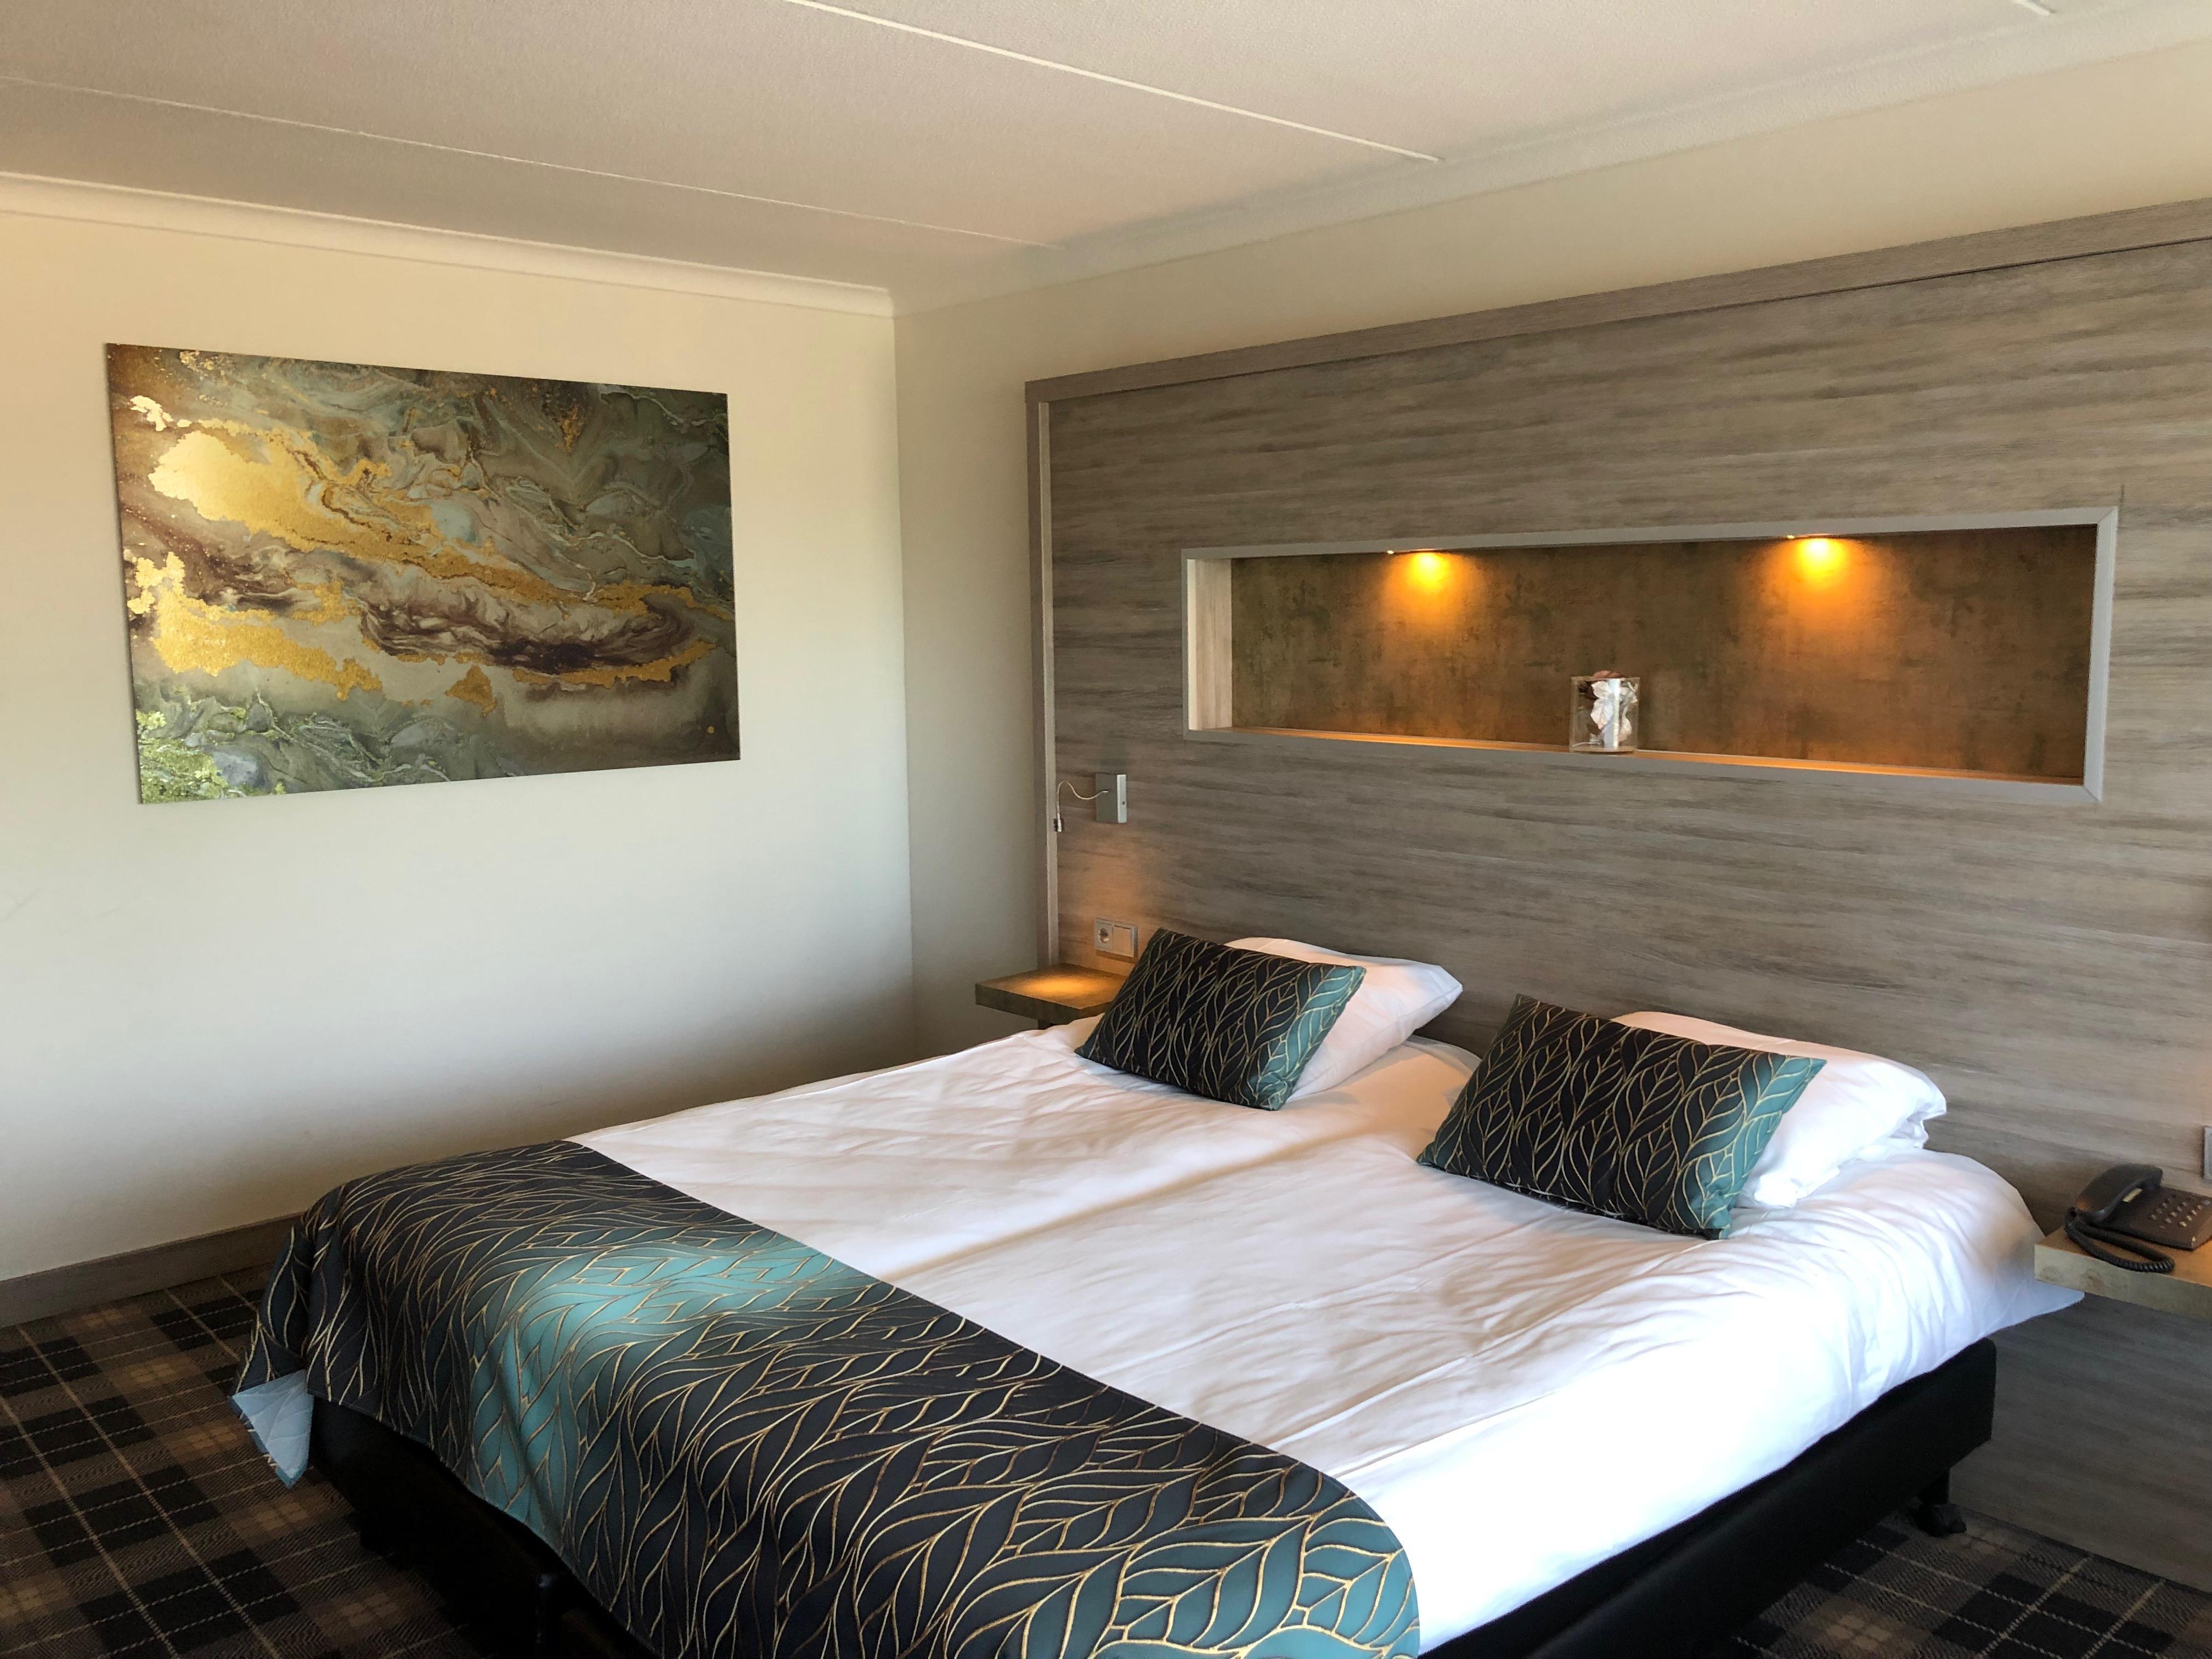 Hotelkamer opfrissen